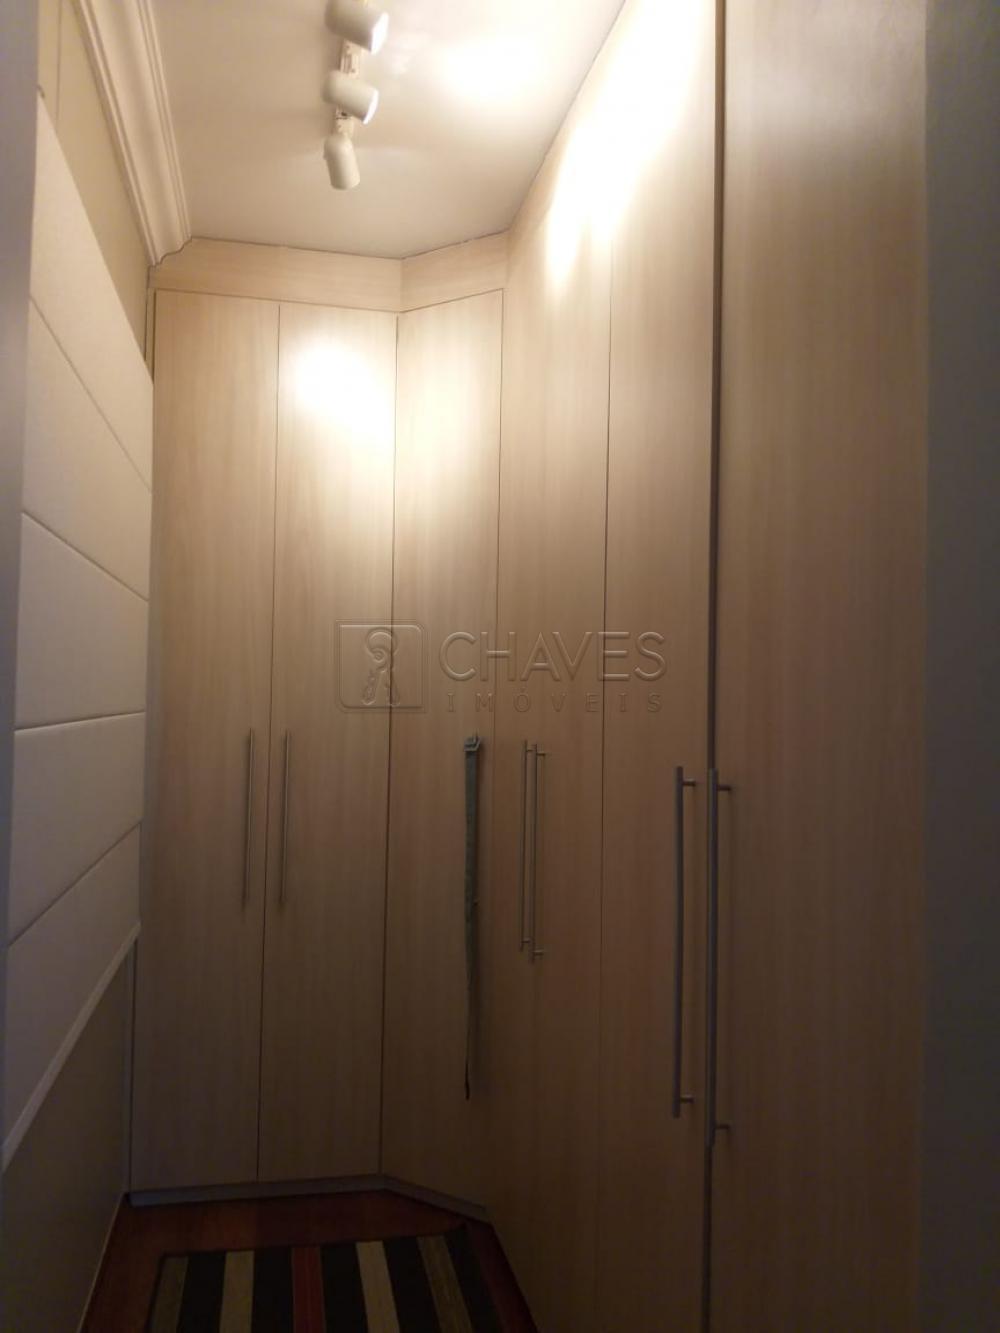 Comprar Casa / Condomínio em Ribeirão Preto R$ 1.400.000,00 - Foto 12